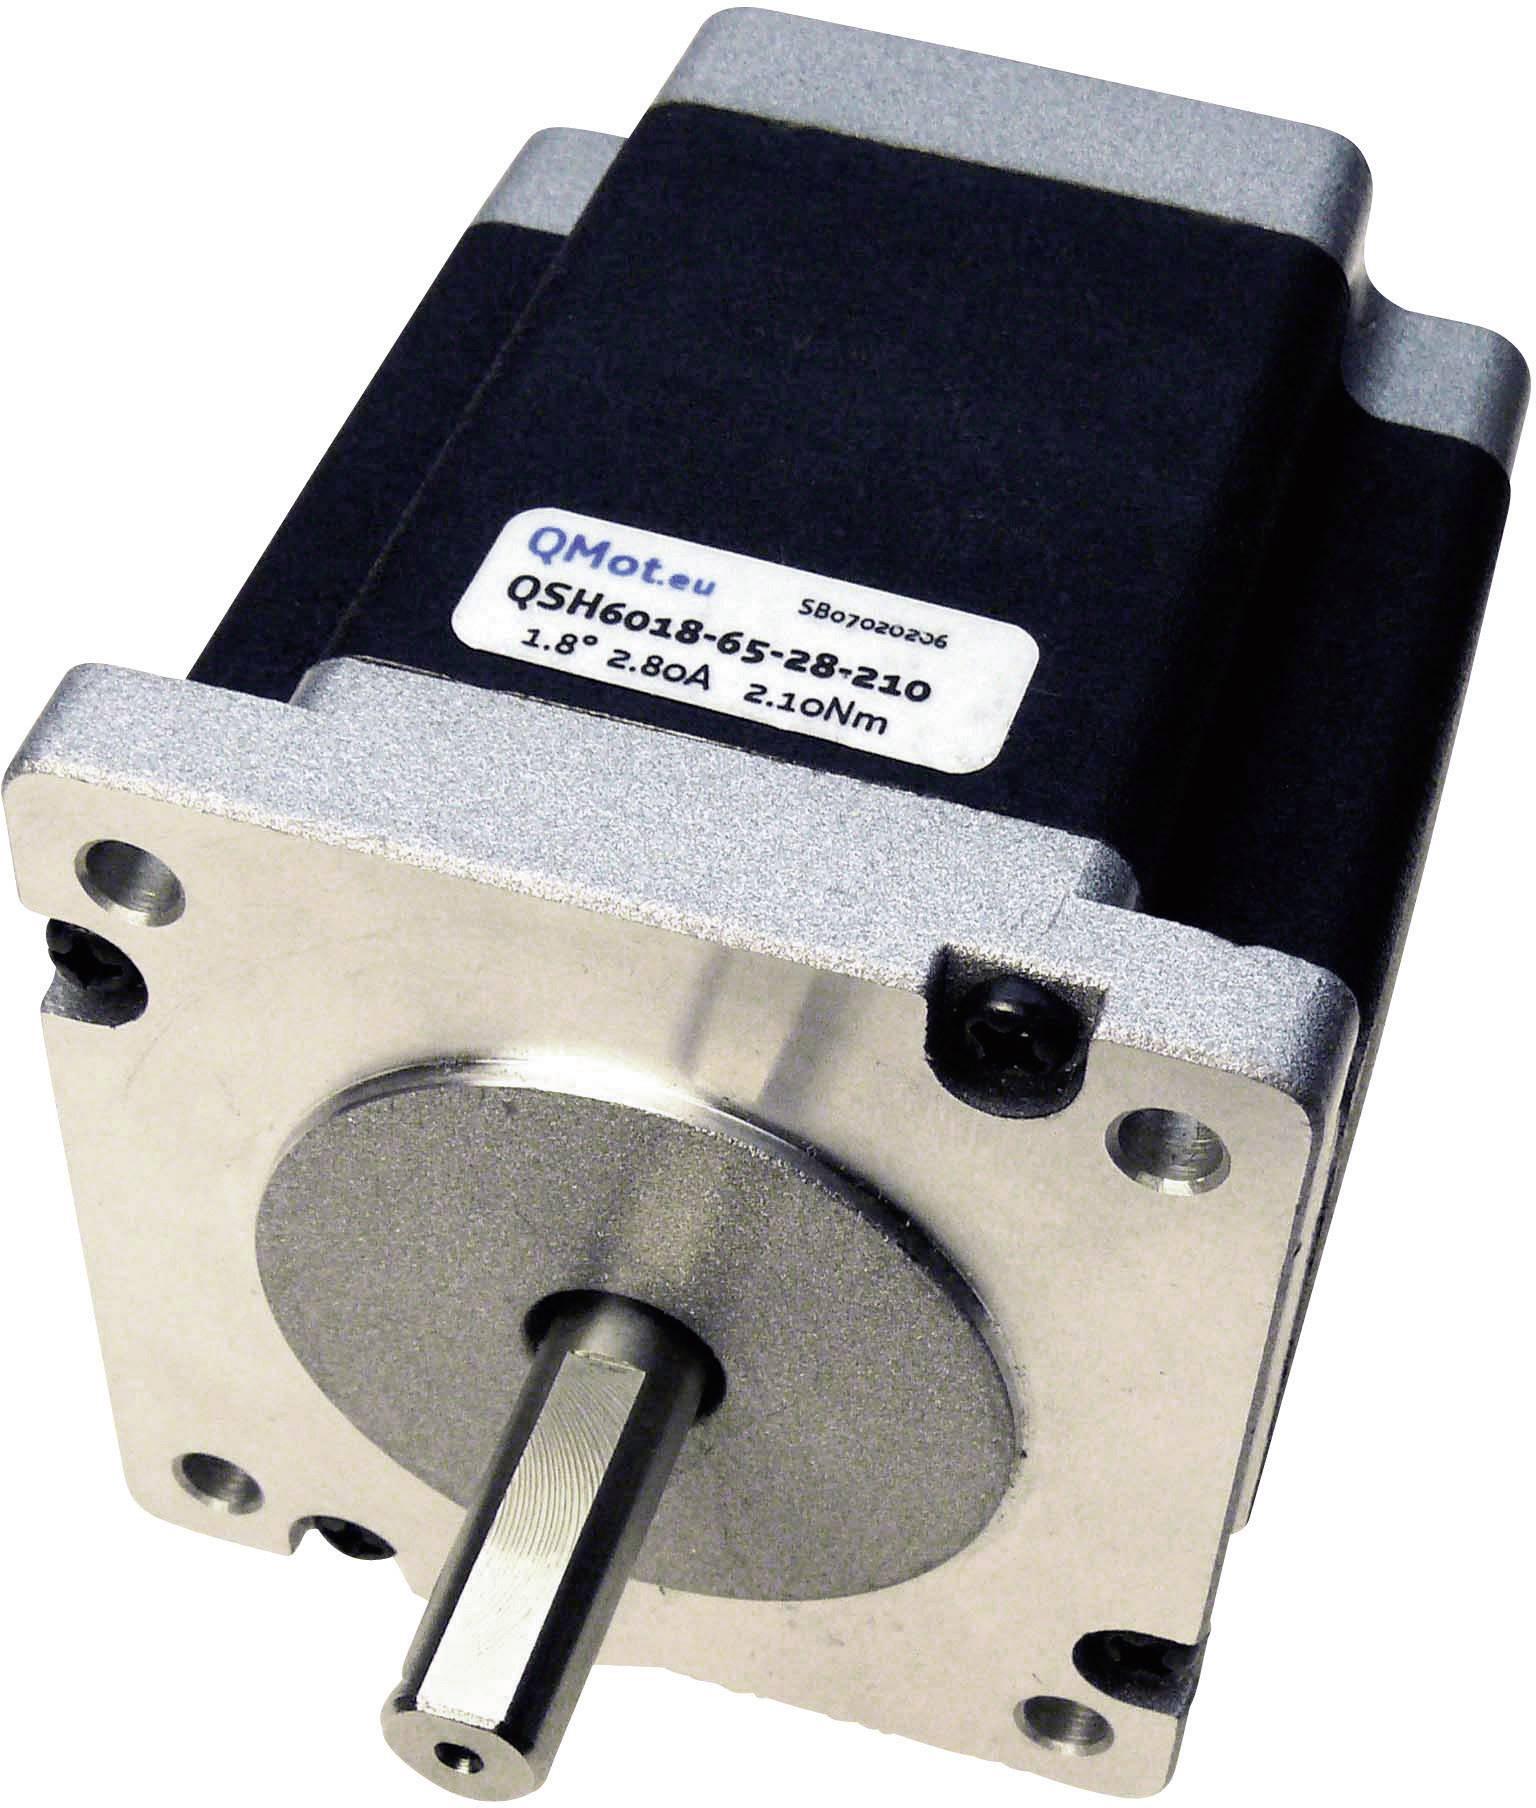 Krokový motor, 60 mm, 1,8°, 2 3,1 NM